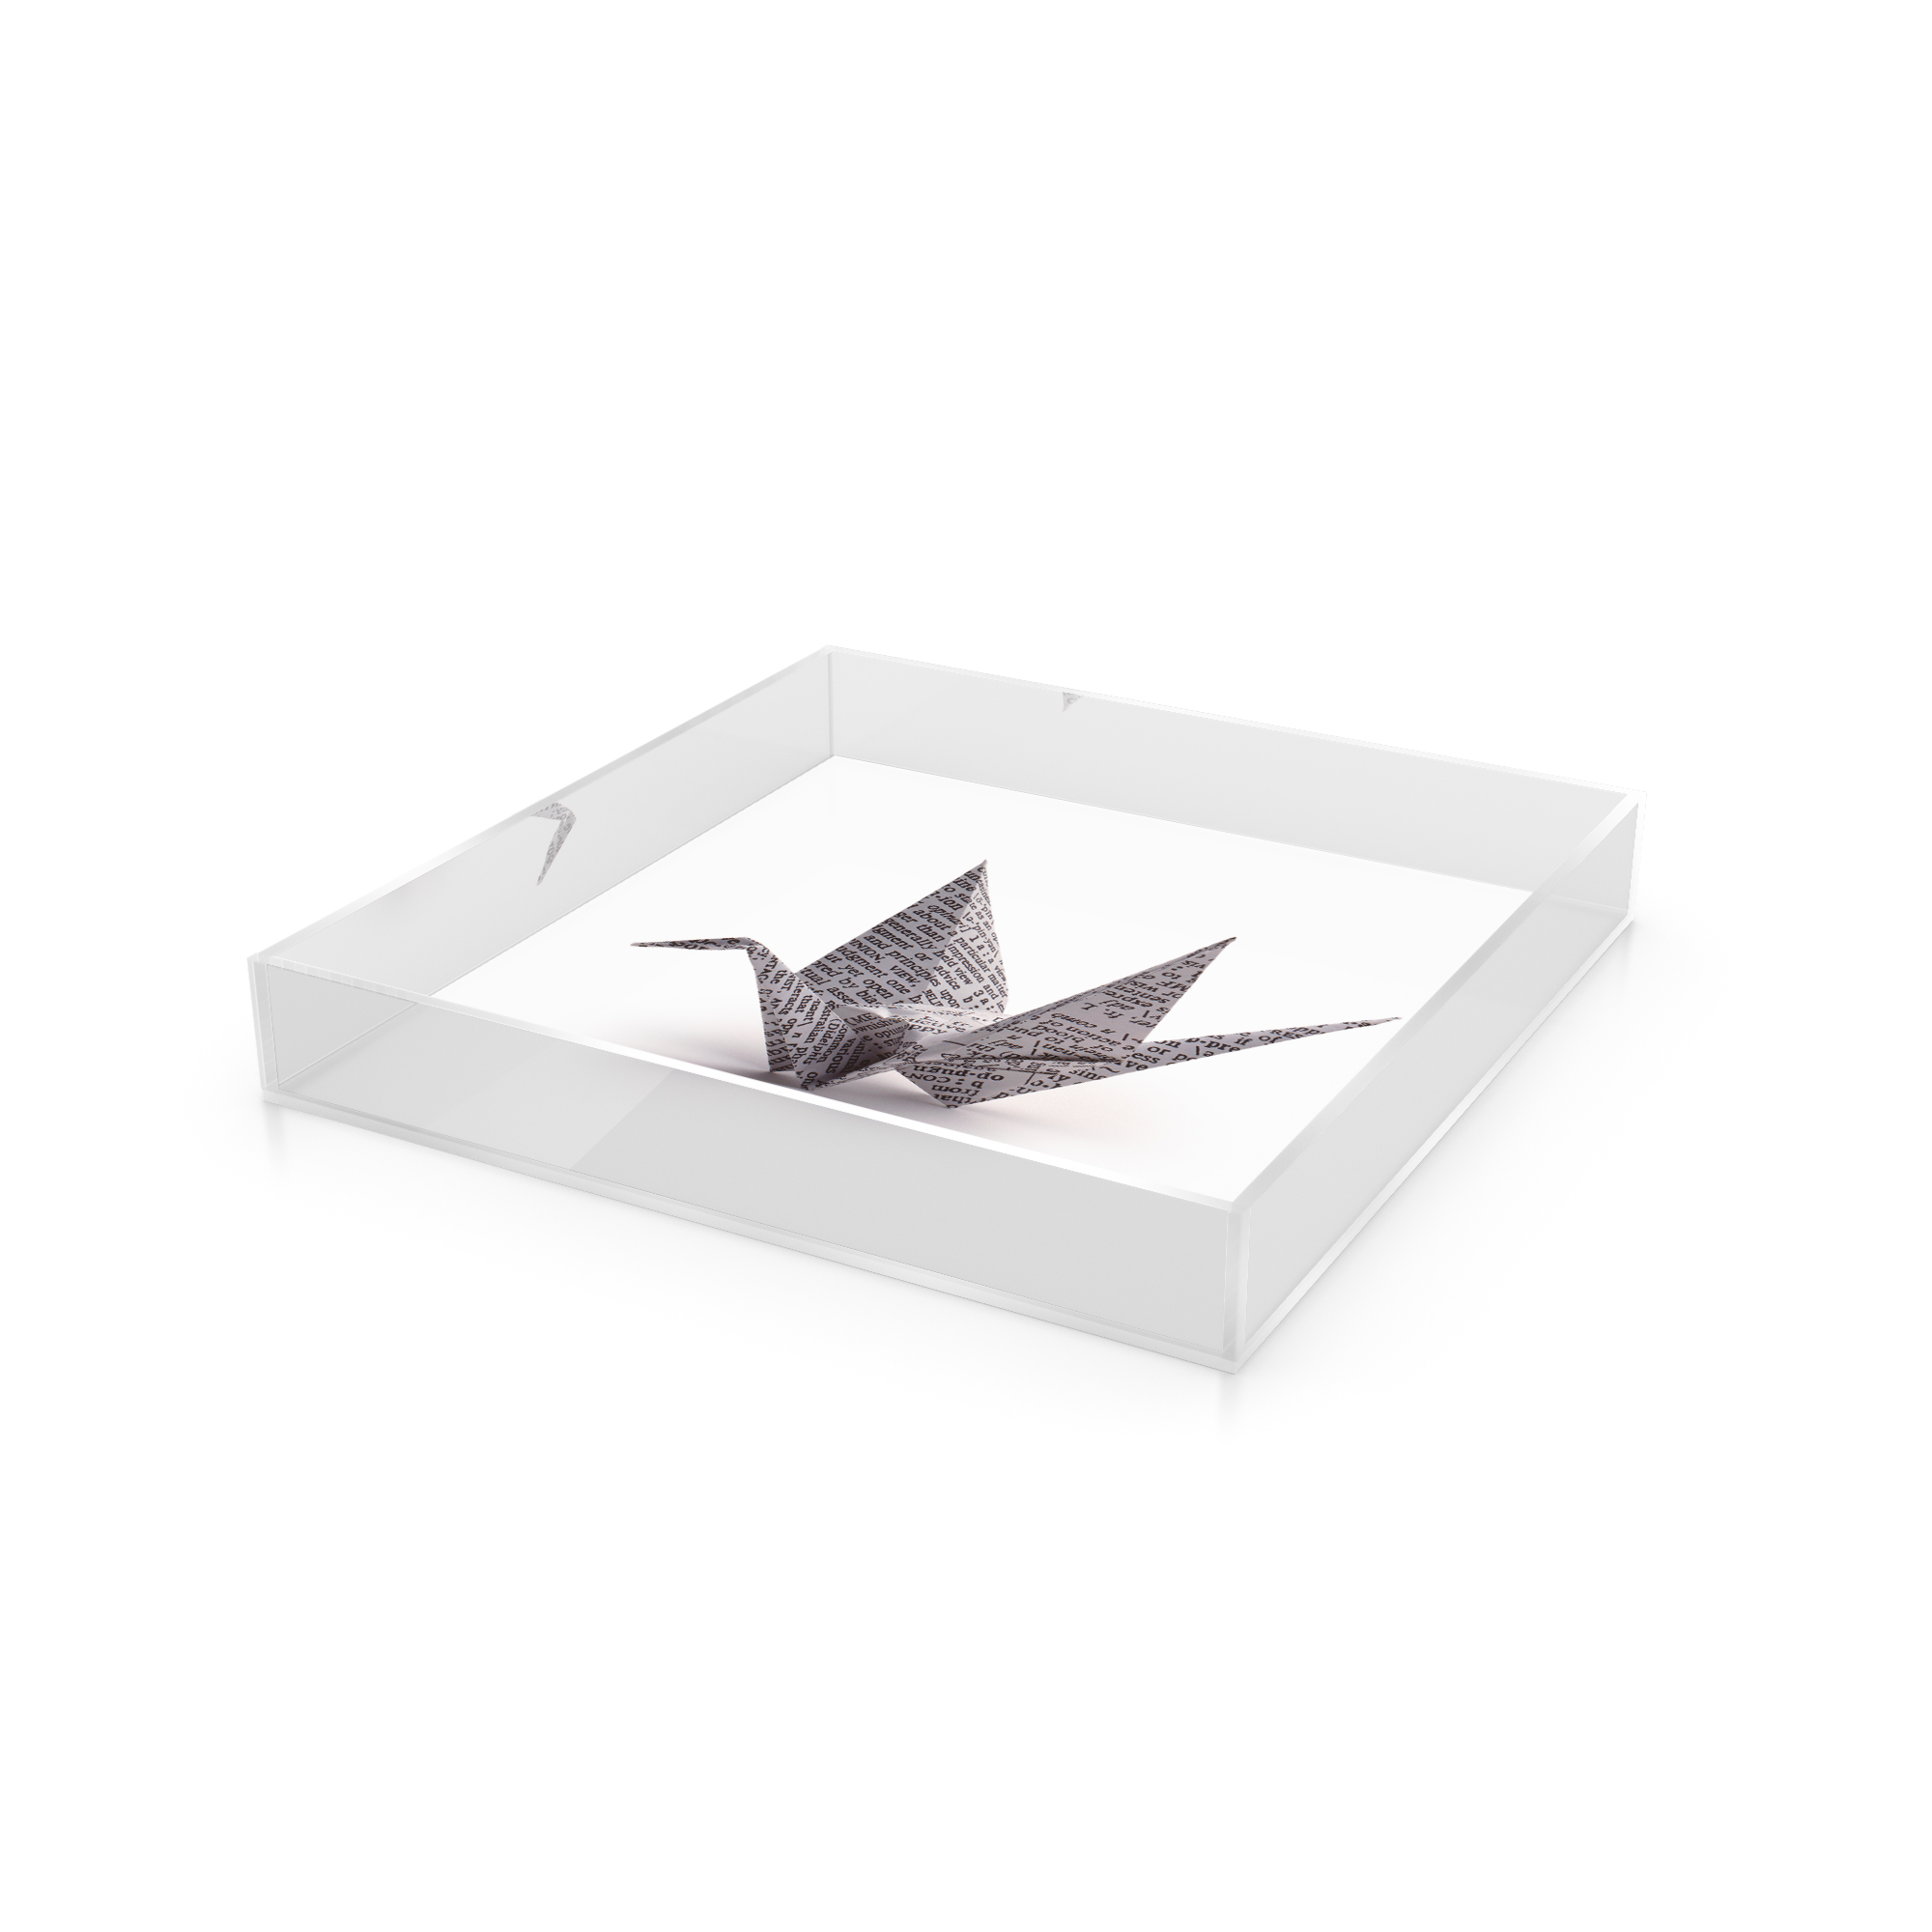 Origami Crane_square.jpg